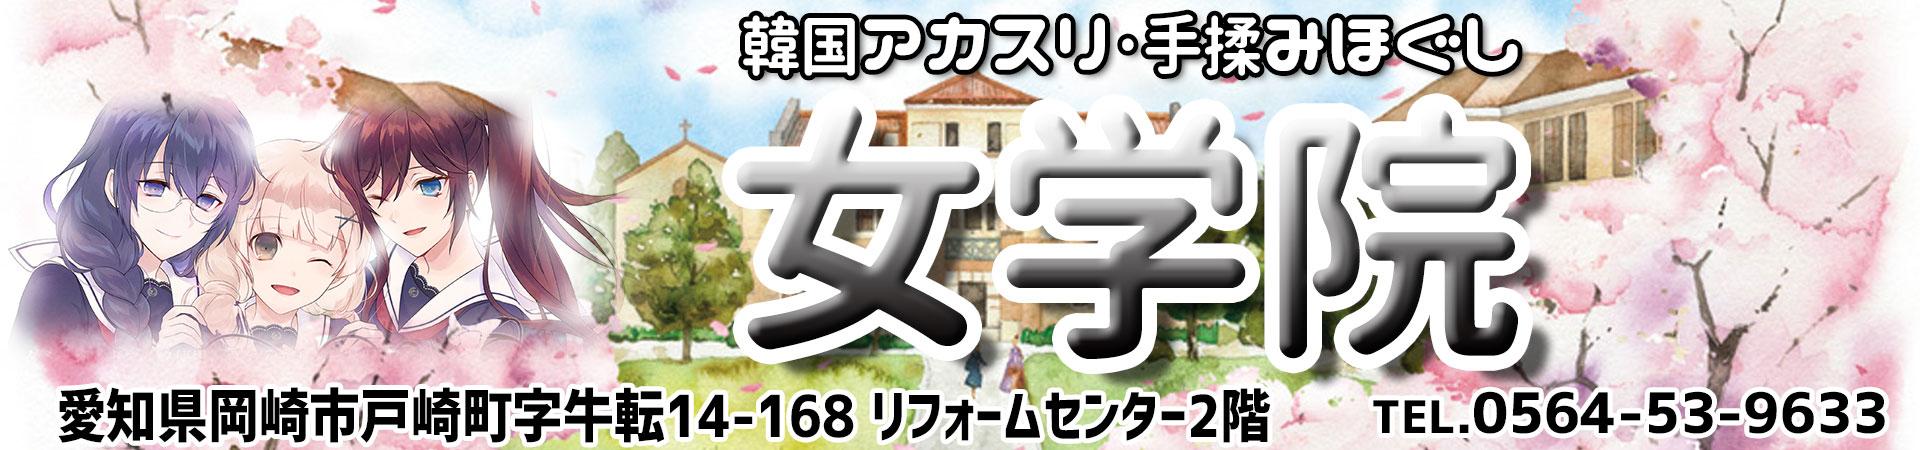 非公開: 【女学院】岡崎/愛知